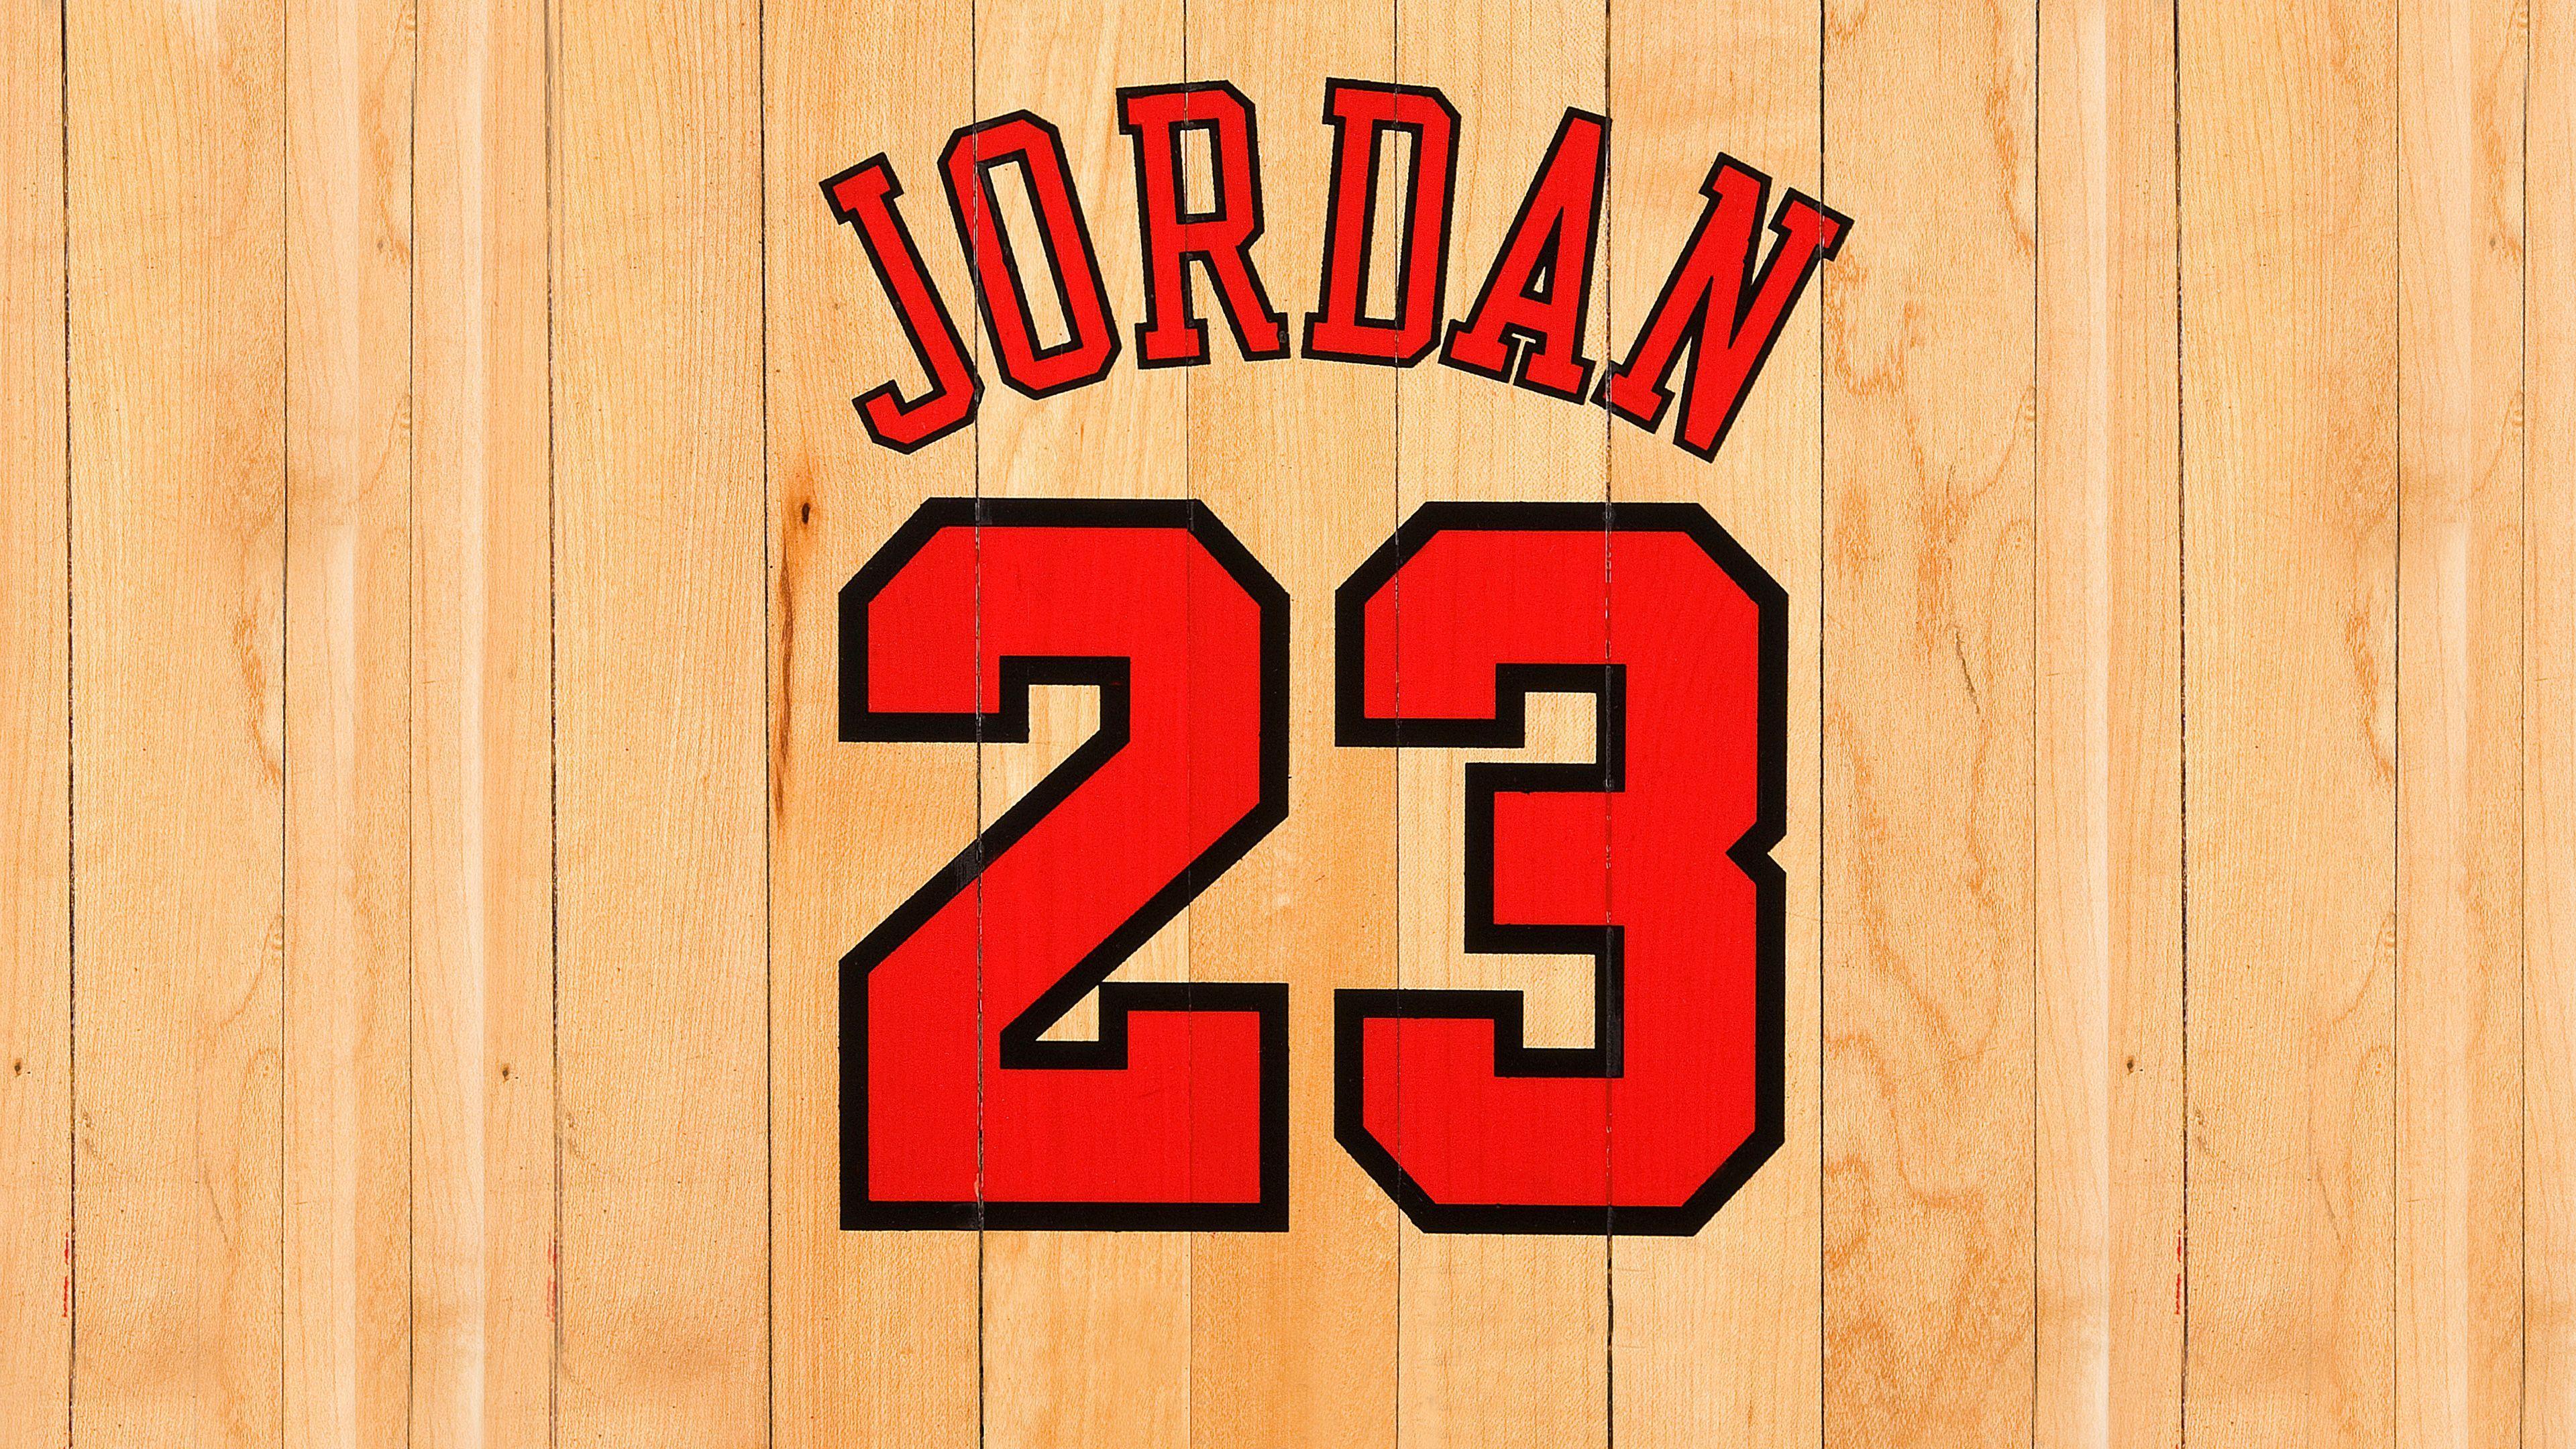 3840x2160 Michael Jordan Chicago bulls 23 Tải xuống miễn phí - Hình nền 4K sống